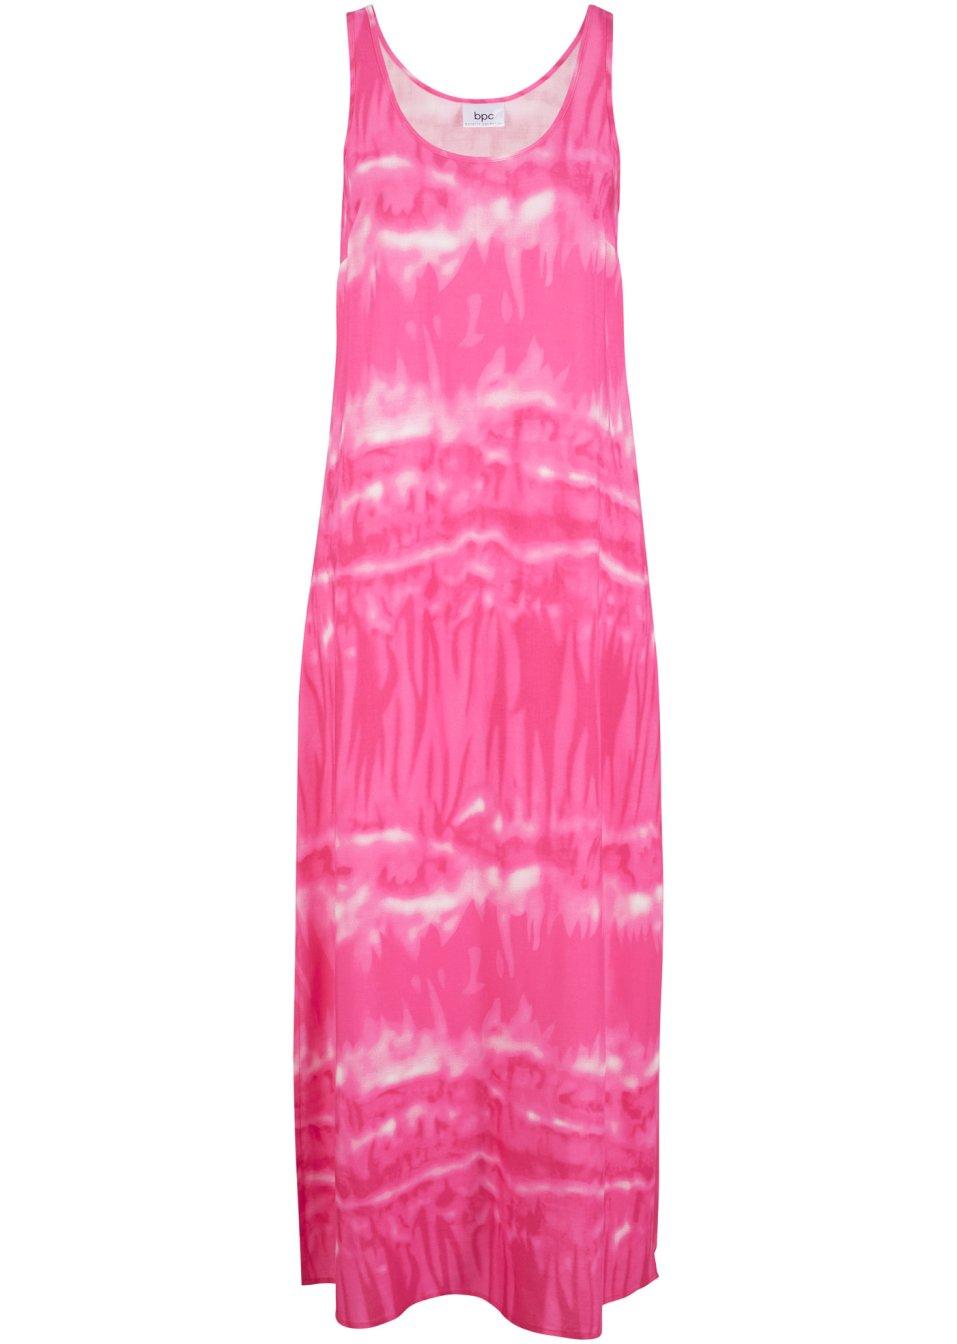 Schönes Kleid aus fließender Viskose mit Seitenschlitzen - hellfuchsia xnyMl eb6Vw